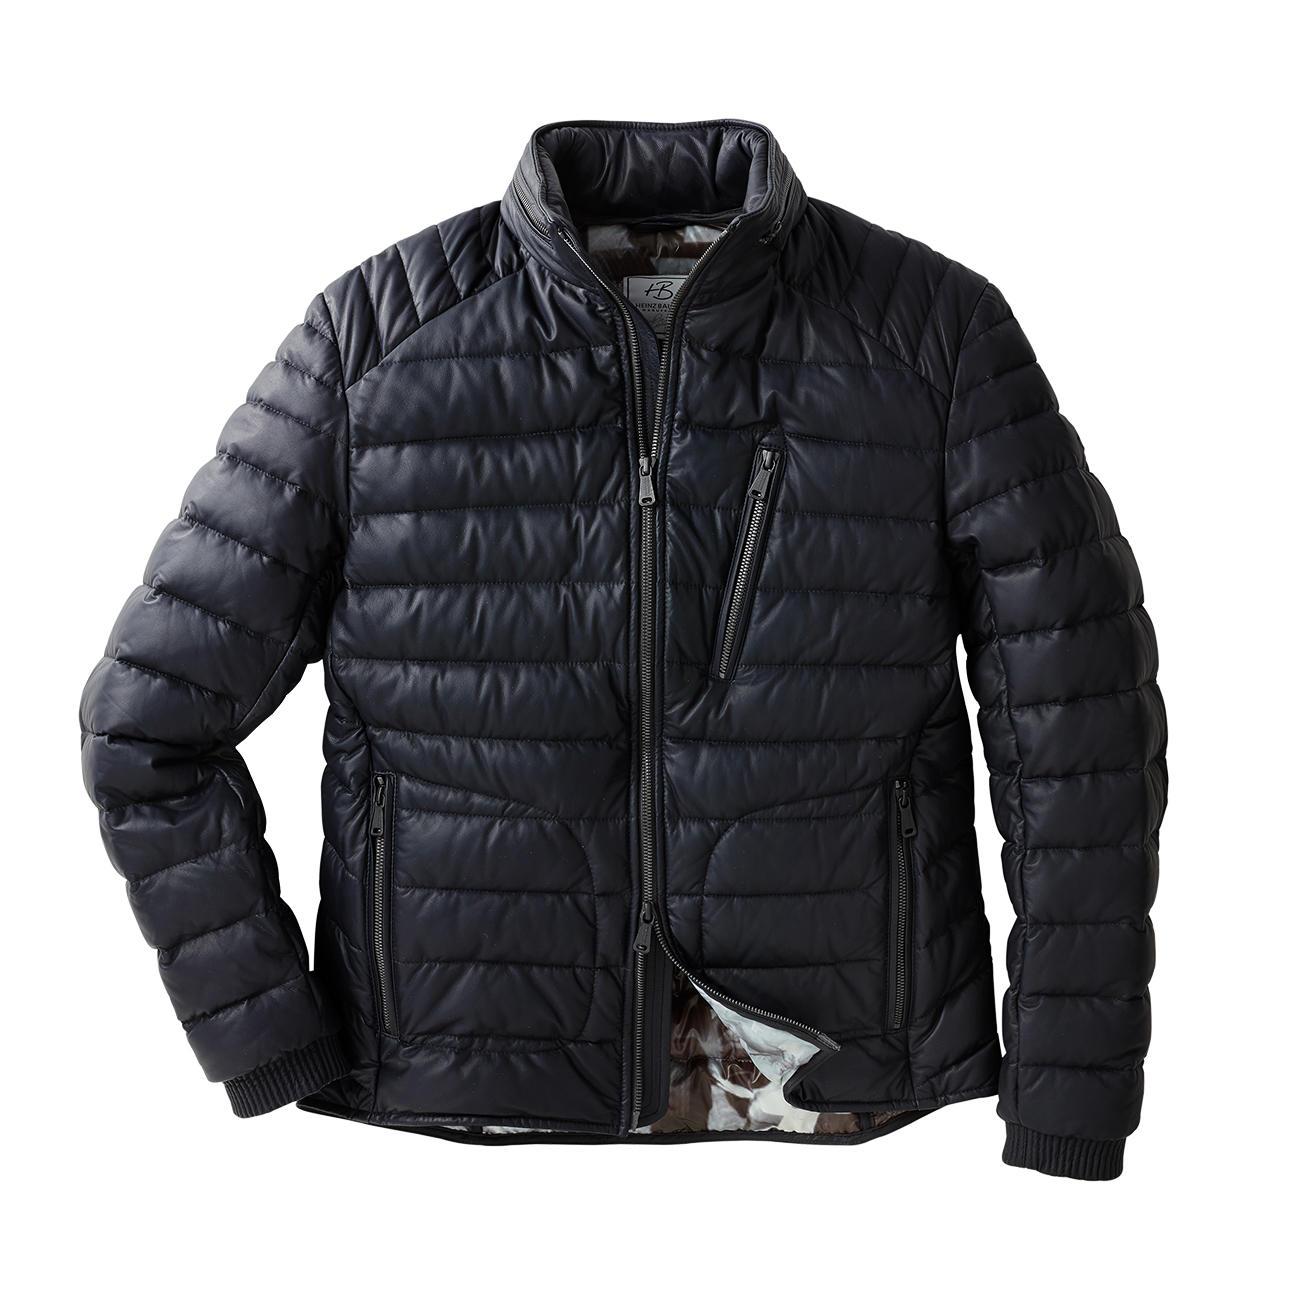 heinz bauer manufakt leather down jacket the 670g 23 6. Black Bedroom Furniture Sets. Home Design Ideas